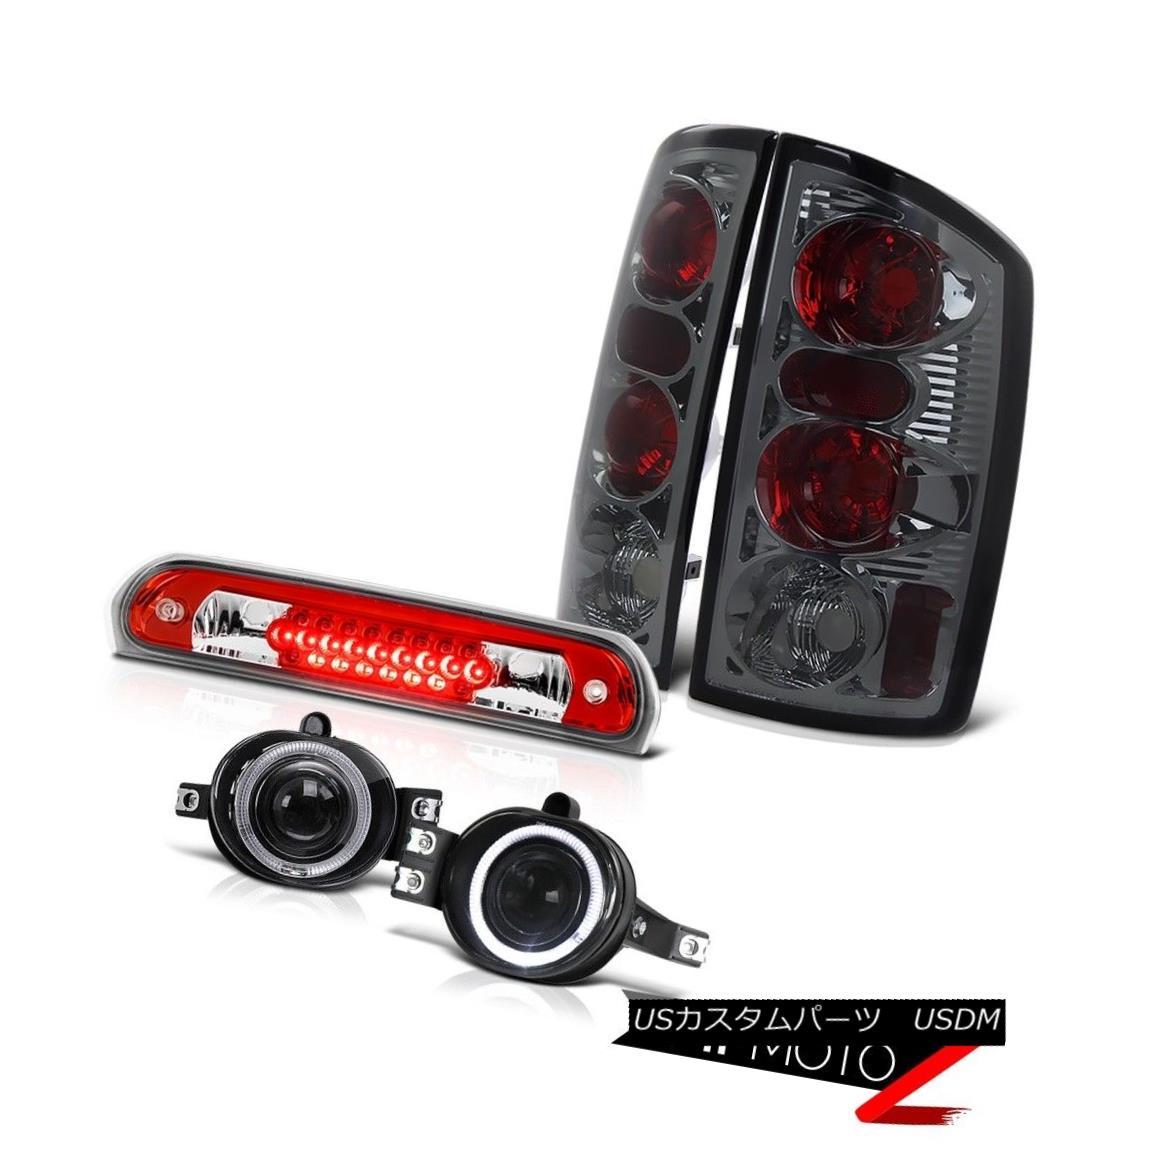 テールライト 2006 Dodge Ram SRT-10 Rear Brake Tail Lights Projector Chrome Fog Roof LED Red 2006ダッジラムSRT-10リアブレーキテールライトプロジェクタークロームフォグルーフLEDレッド